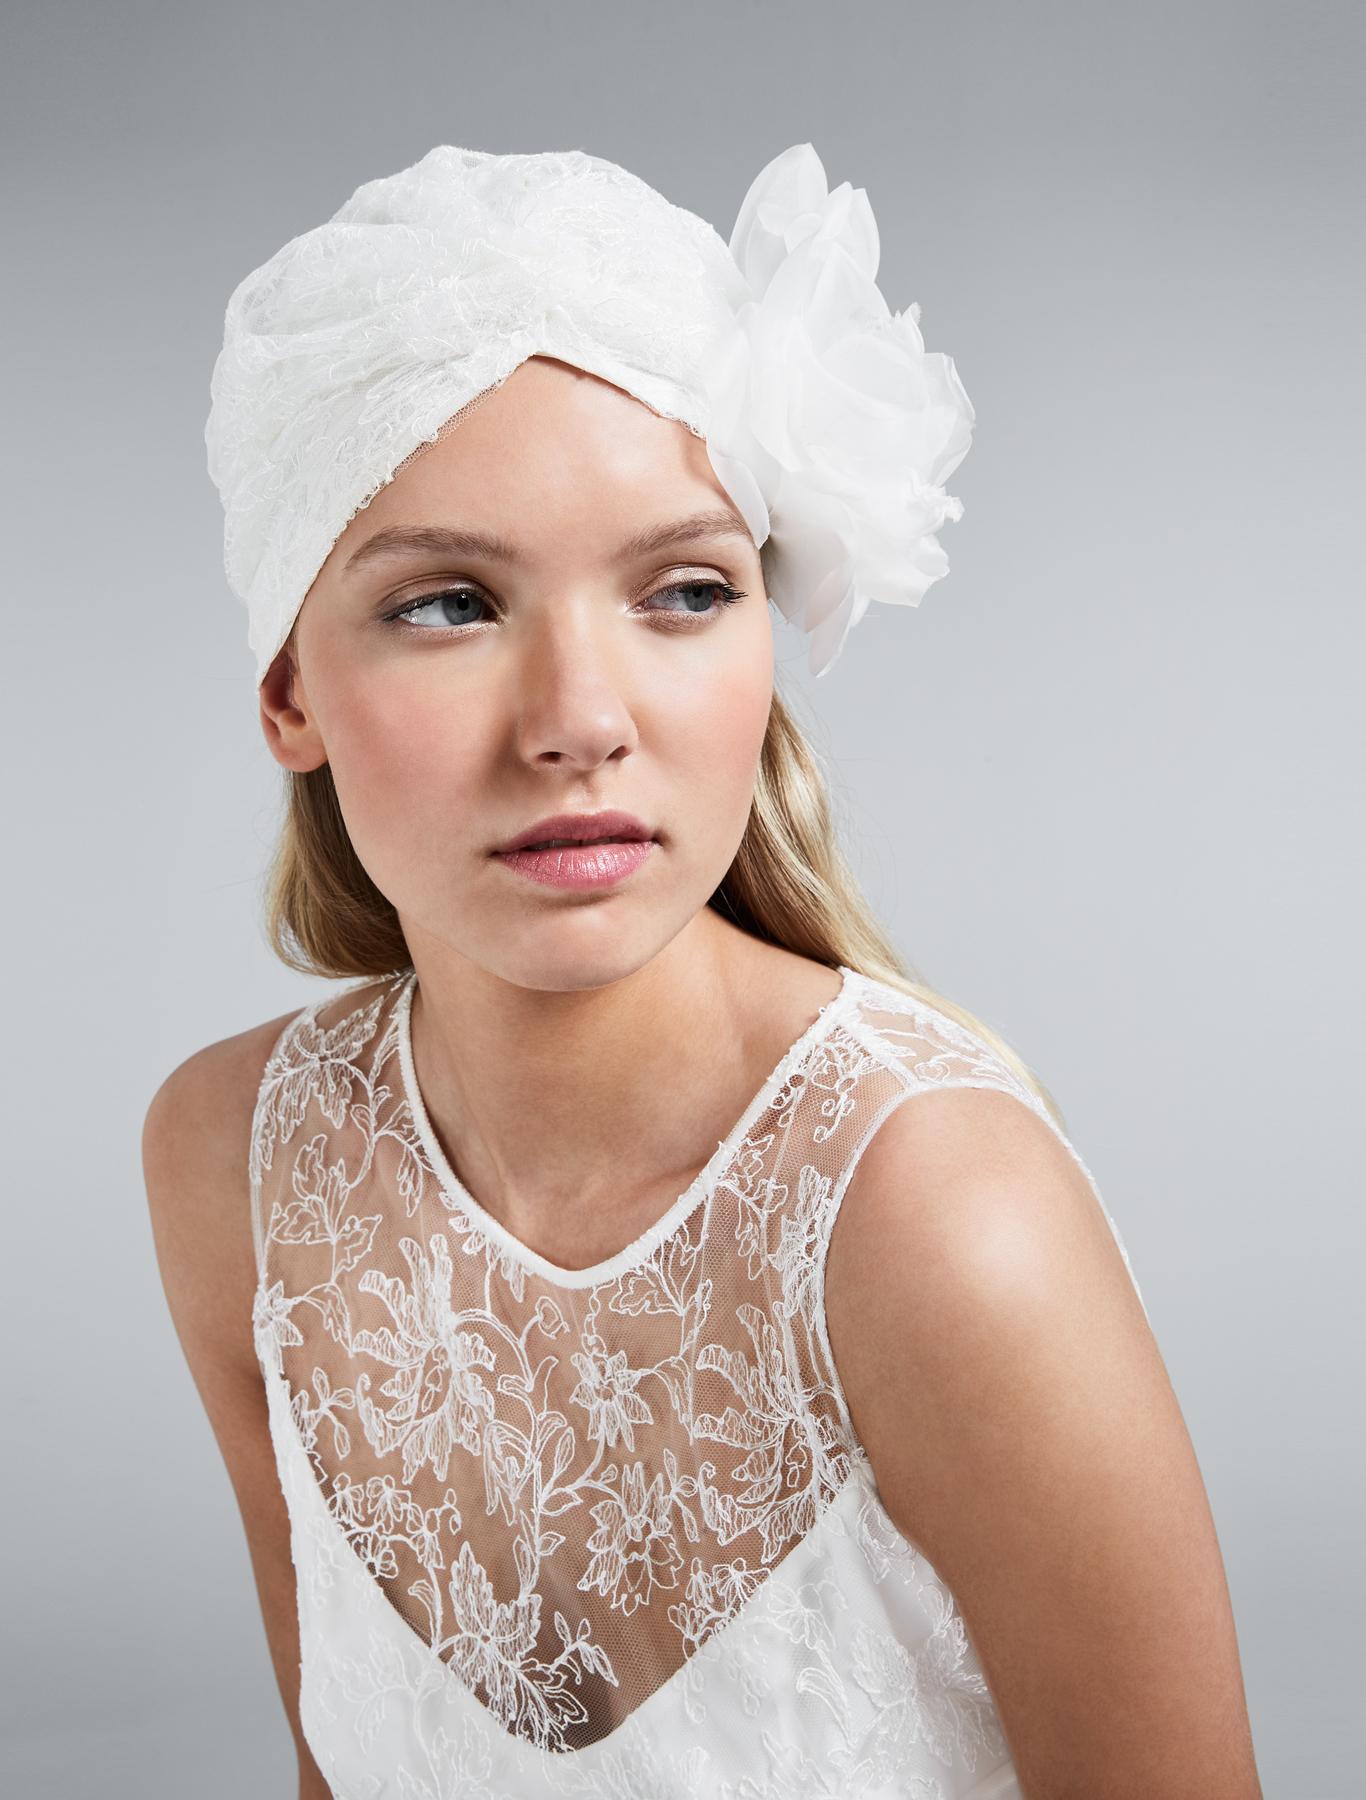 cc01250664c Τα αξεσουάρ που δεν πρέπει να λείπουν από κανένα bridal look!   Yes I Do